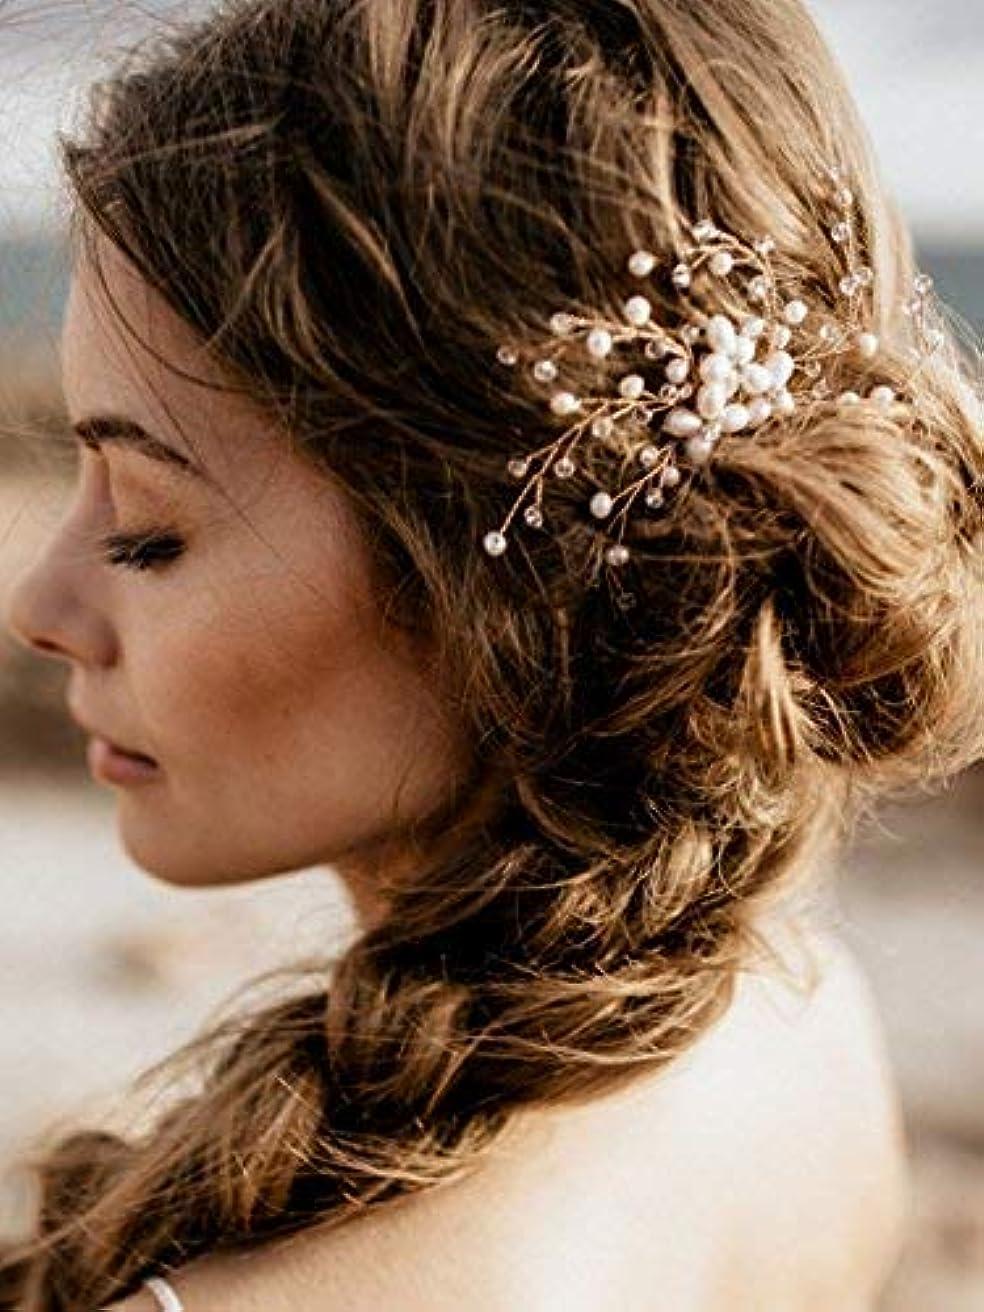 本物リングバックシンカンFXmimior Vintage Bridal Women Vintage Wedding Party Hair Comb Crystal Vine Hair Accessories [並行輸入品]